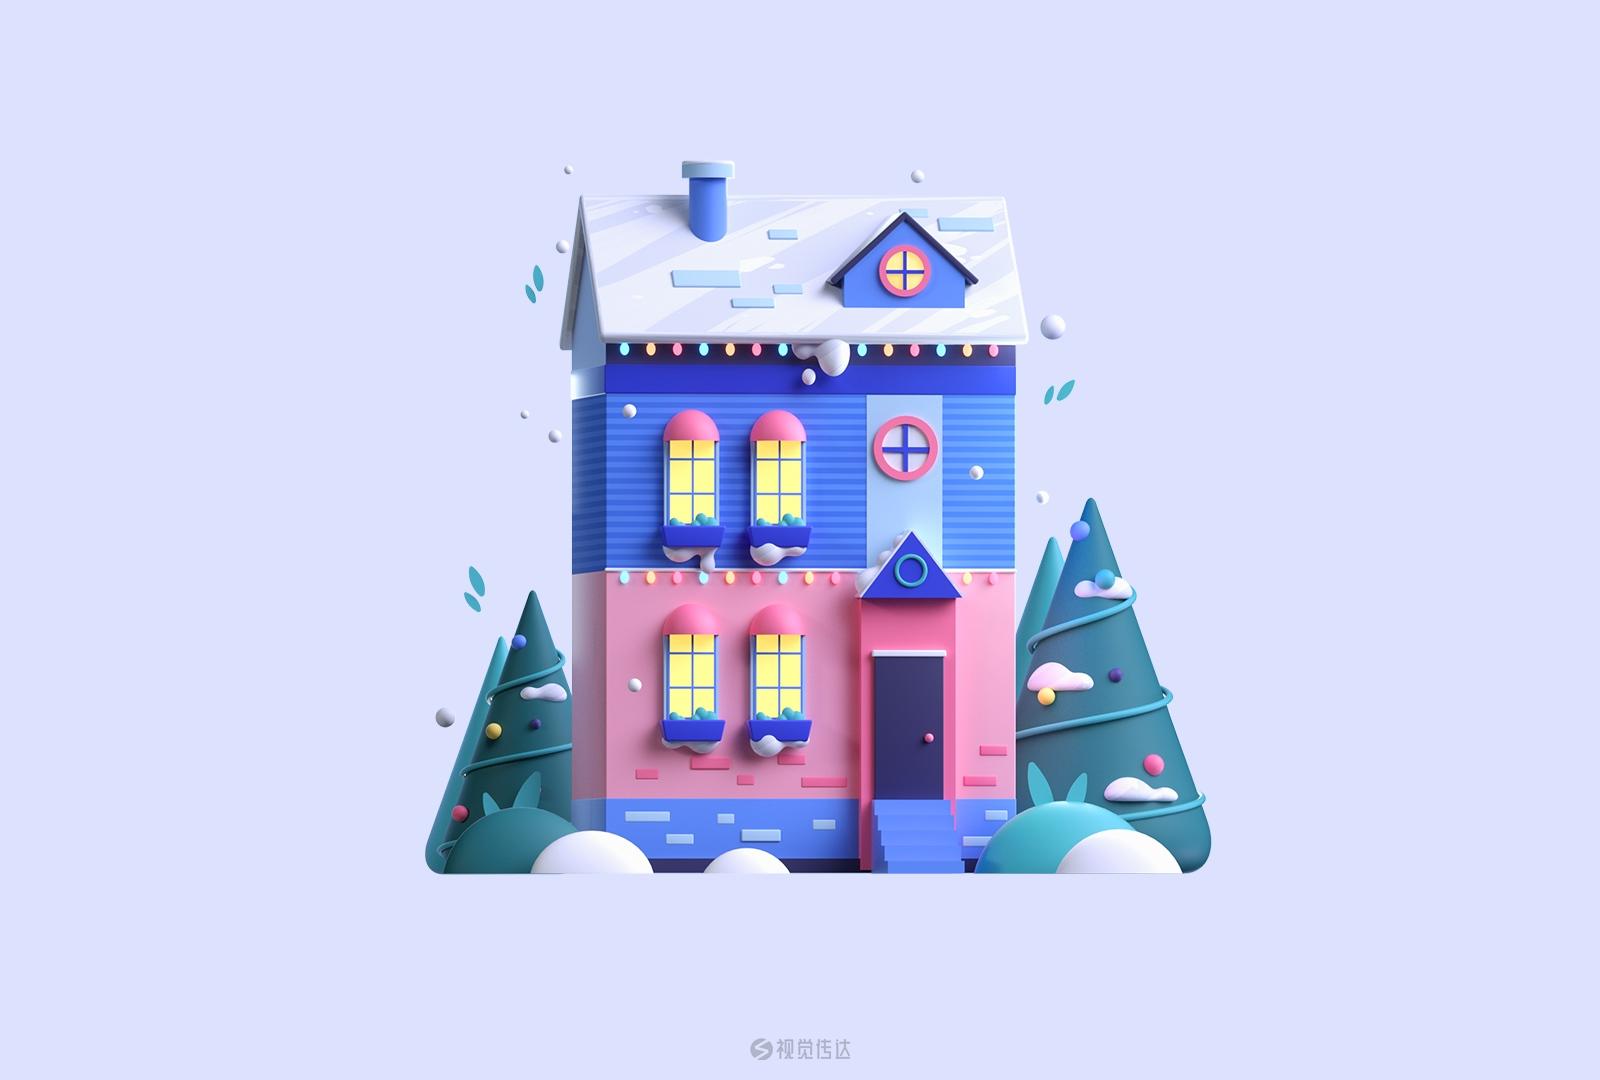 免费可商用3D圣诞节图形素材